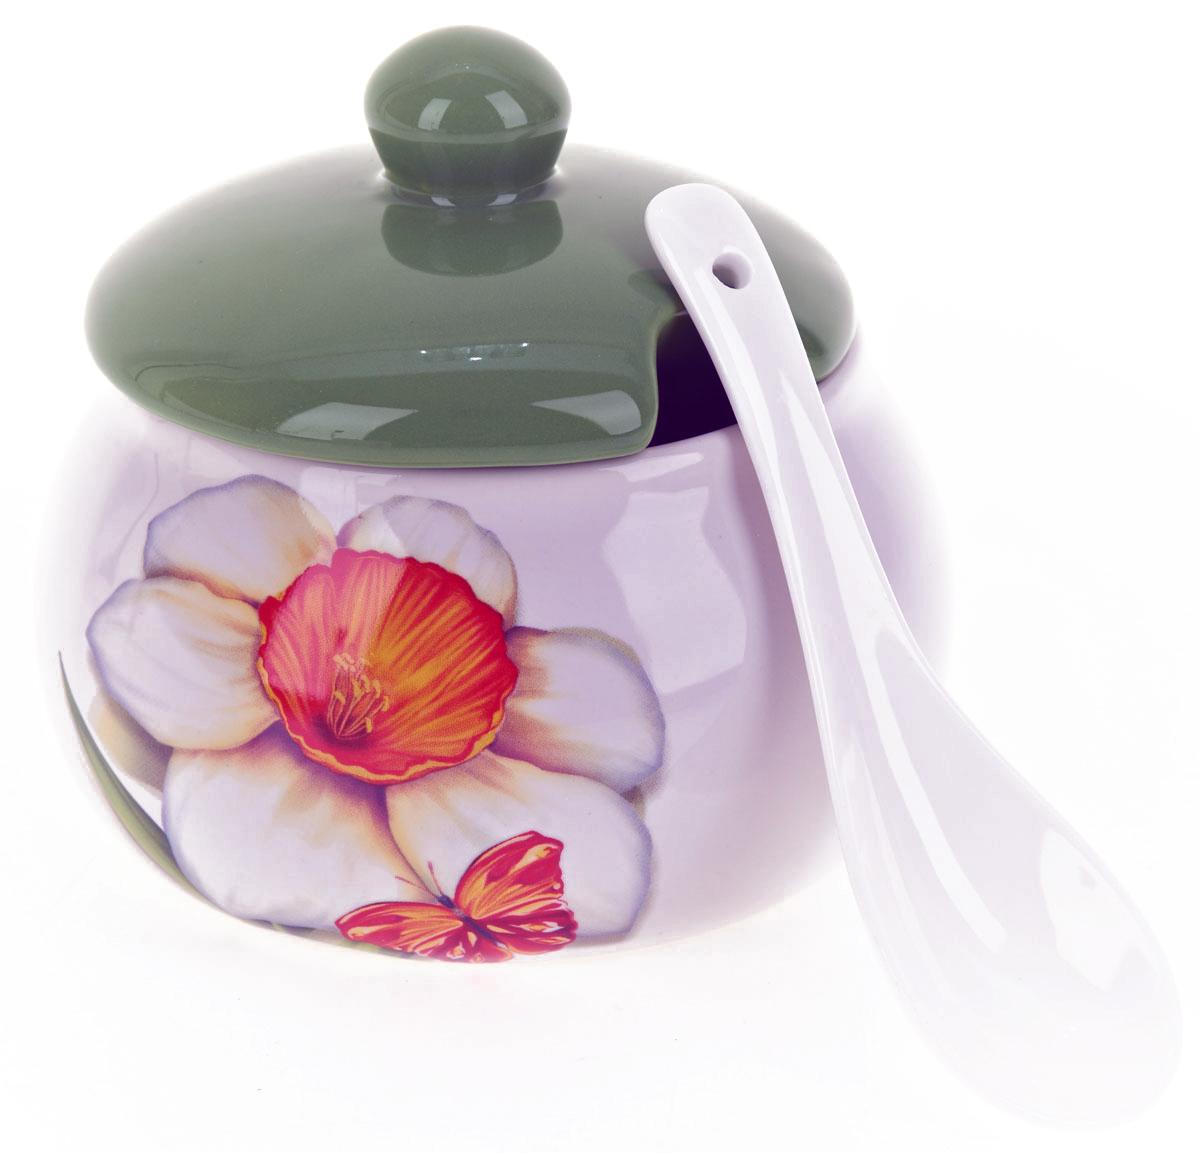 Сахарница ENS Group Нарцисс, с ложкой, 600 млL2520307Сахарница Нарцисс с крышкой и ложкой изготовлена из керамики и украшена ярким рисунком.Емкость универсальна, подойдет как для сахара, так и для специй или меда. Можно мыть в посудомоечной машине.